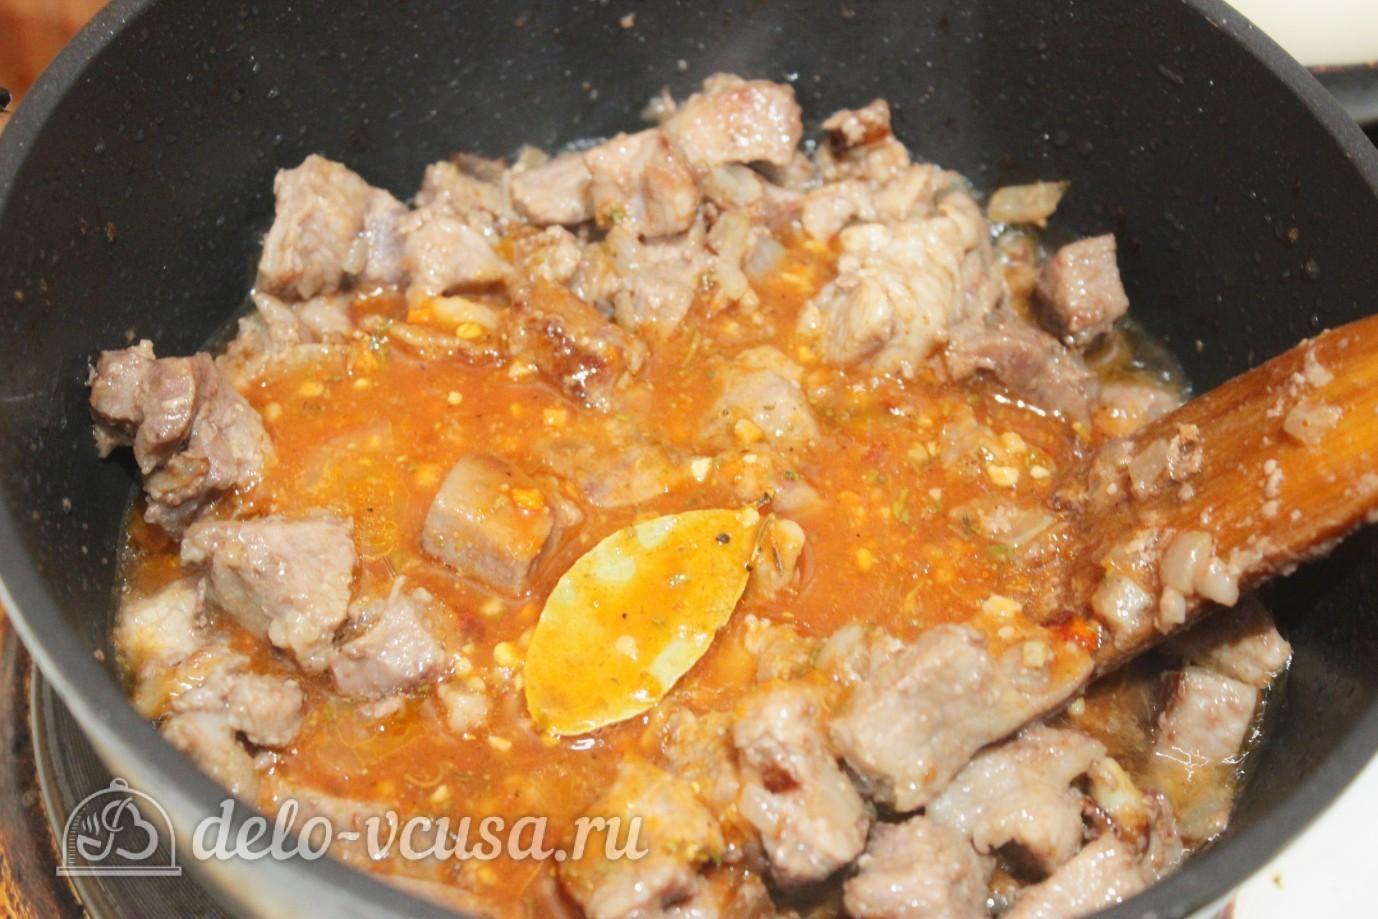 Свинины с подливкой рецепт с пошагово